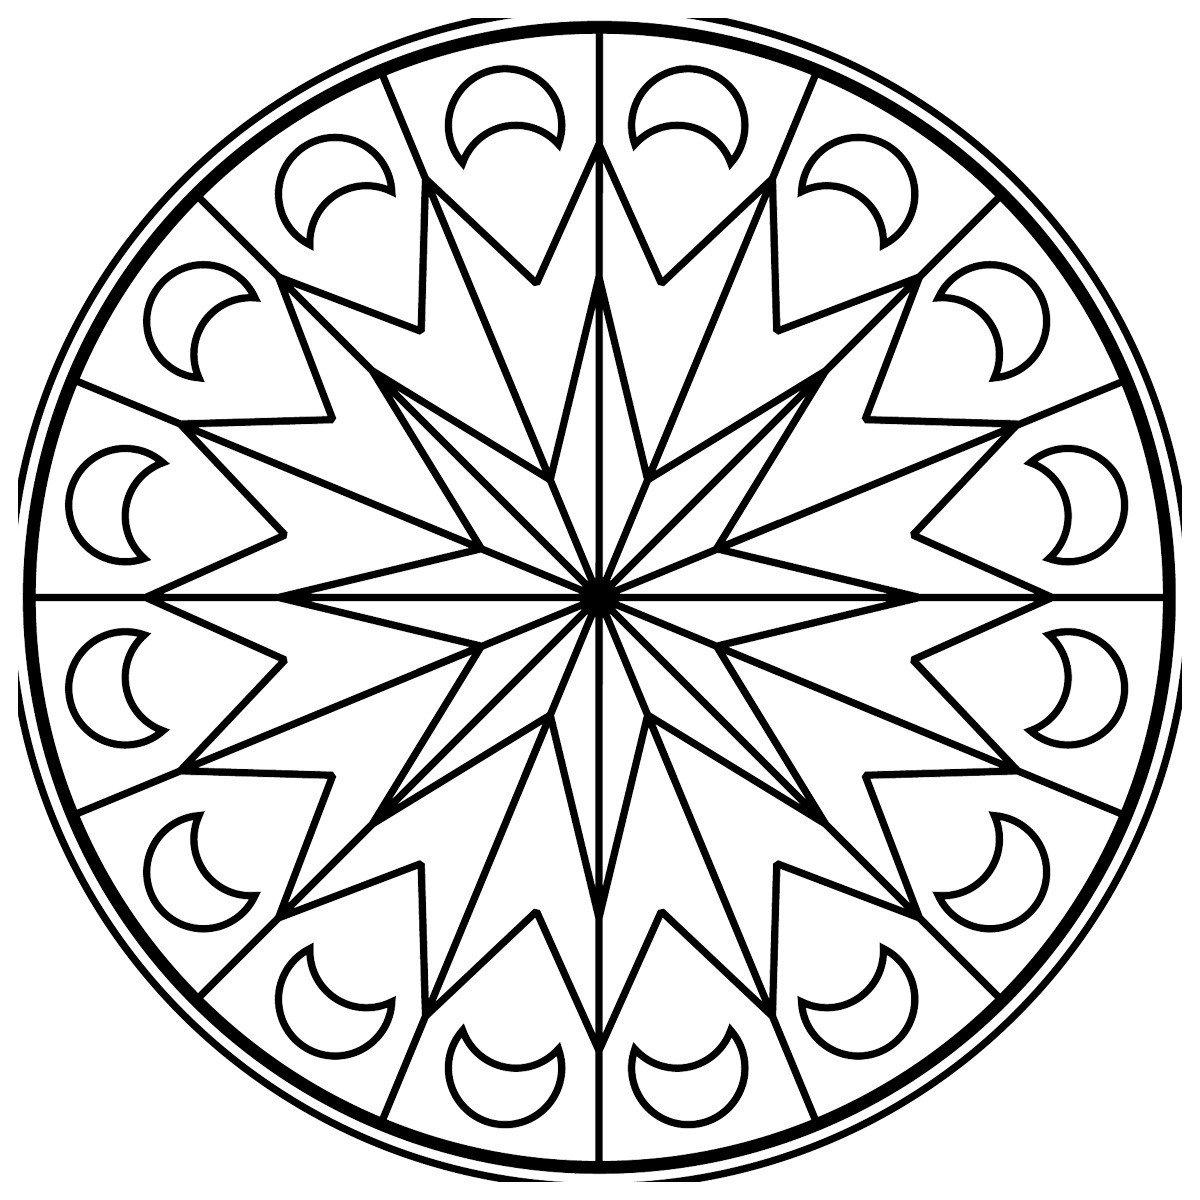 Зендала Лунная - Картинка для раскрашивания красками-гуашью